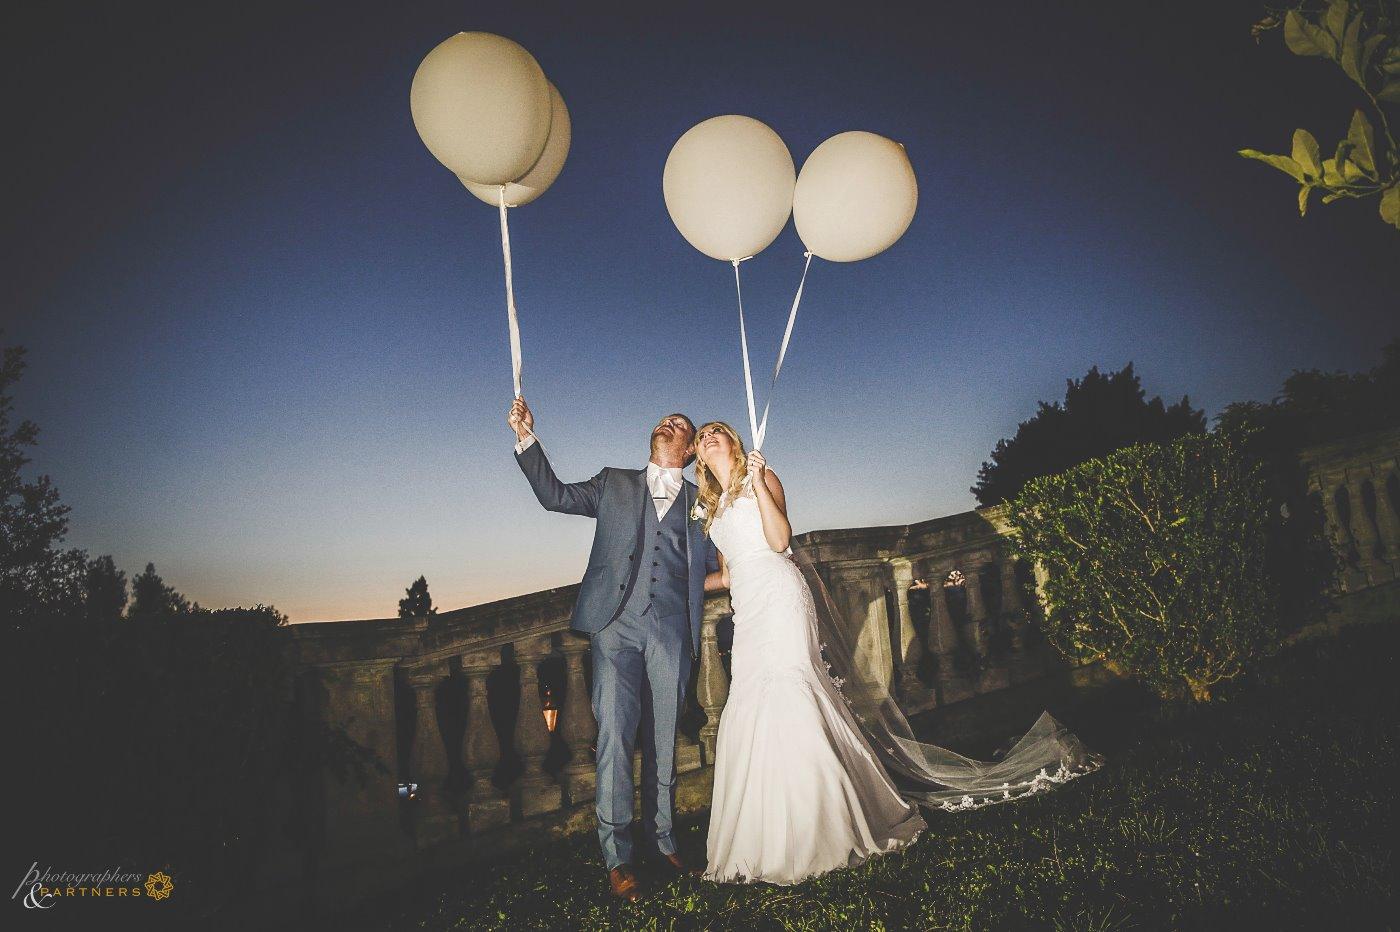 photography_weddings_bucciano_19.jpg